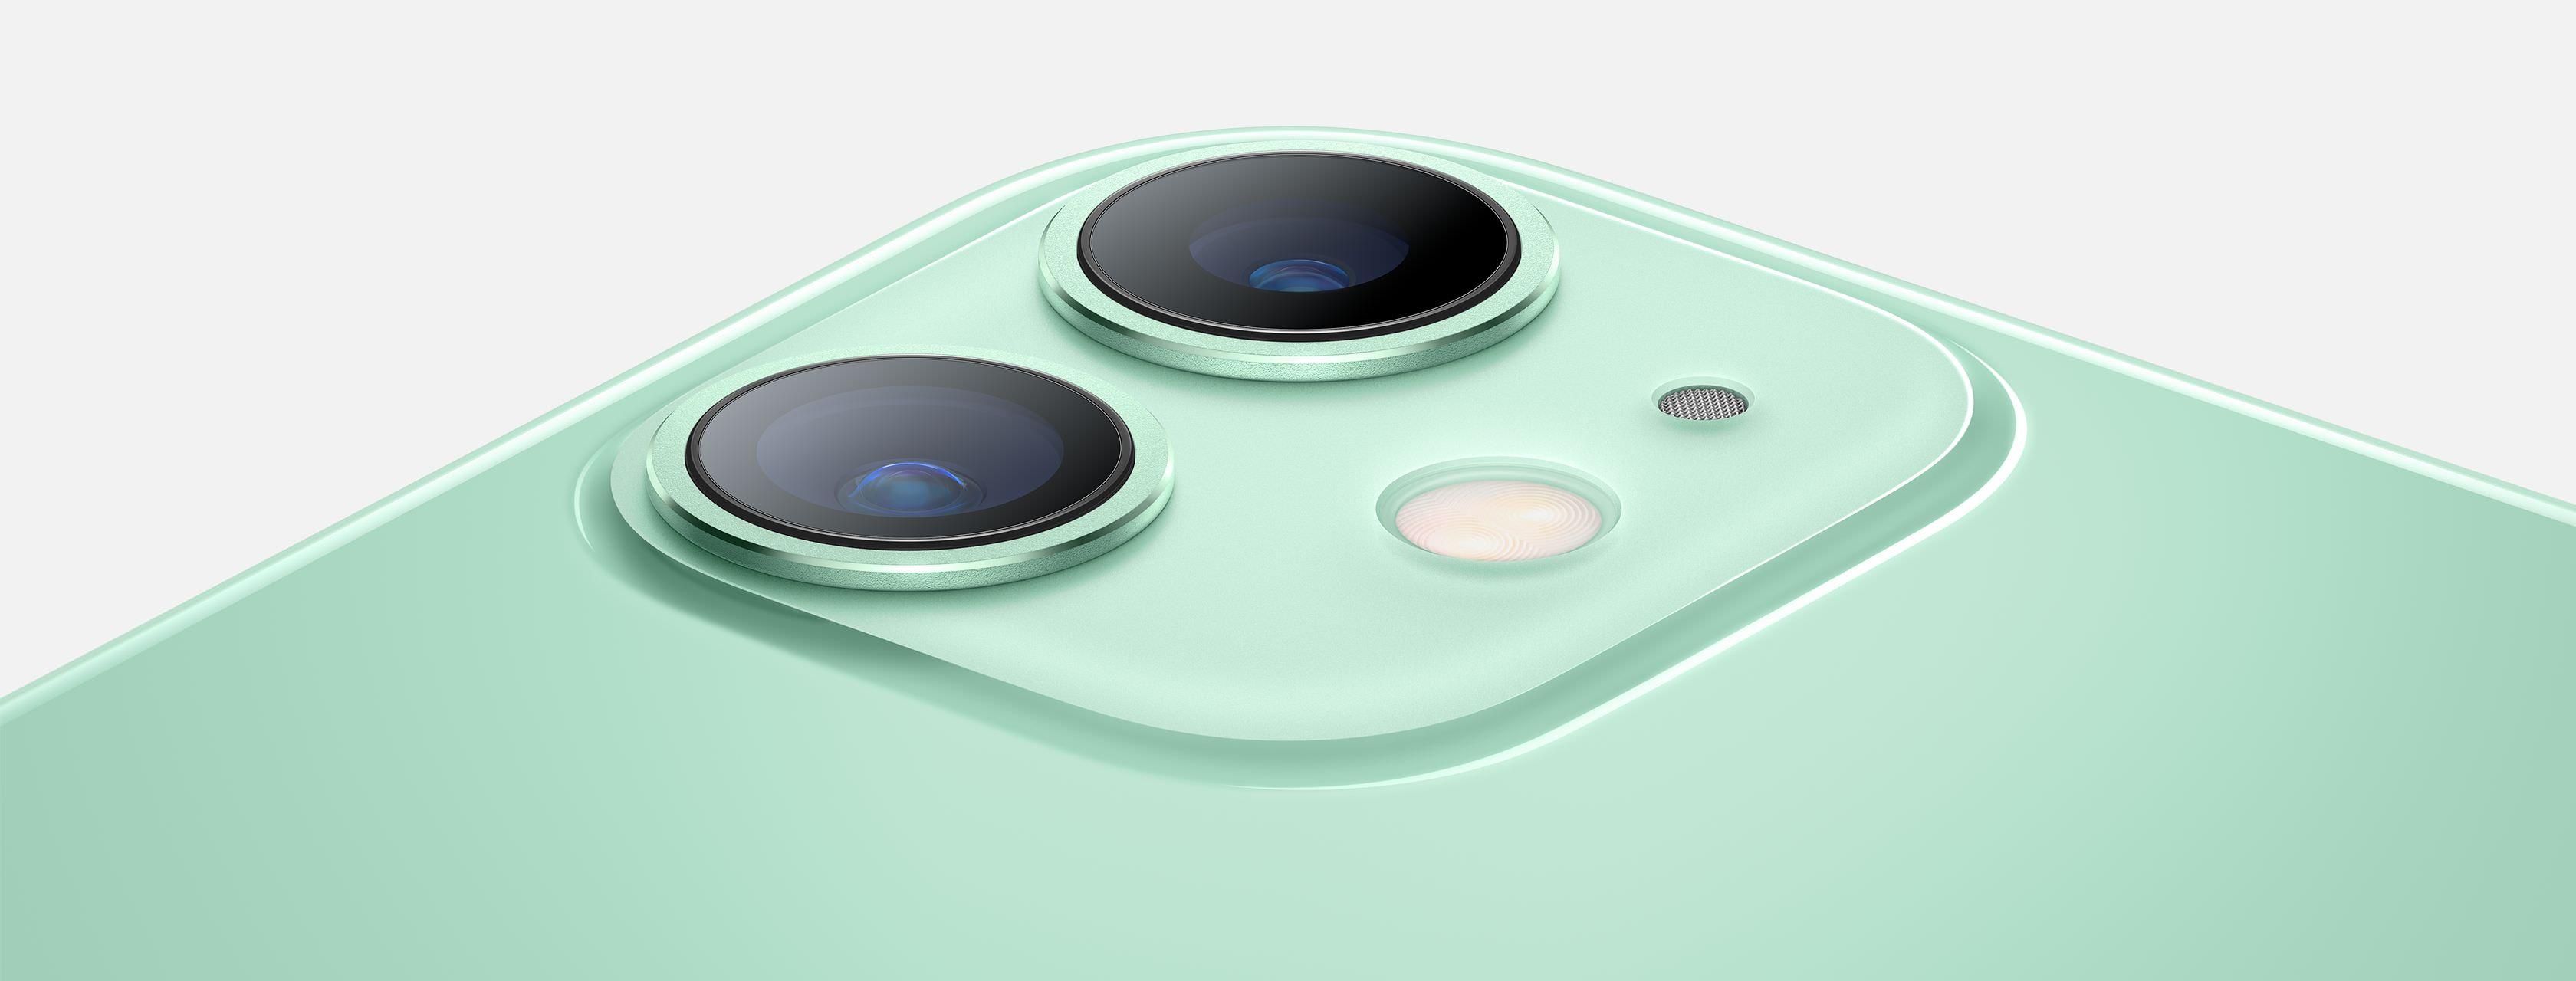 新しいiPhone、iPhone 11とiPhone 11 Pro が登場。買い換えるならどれがオススメ?